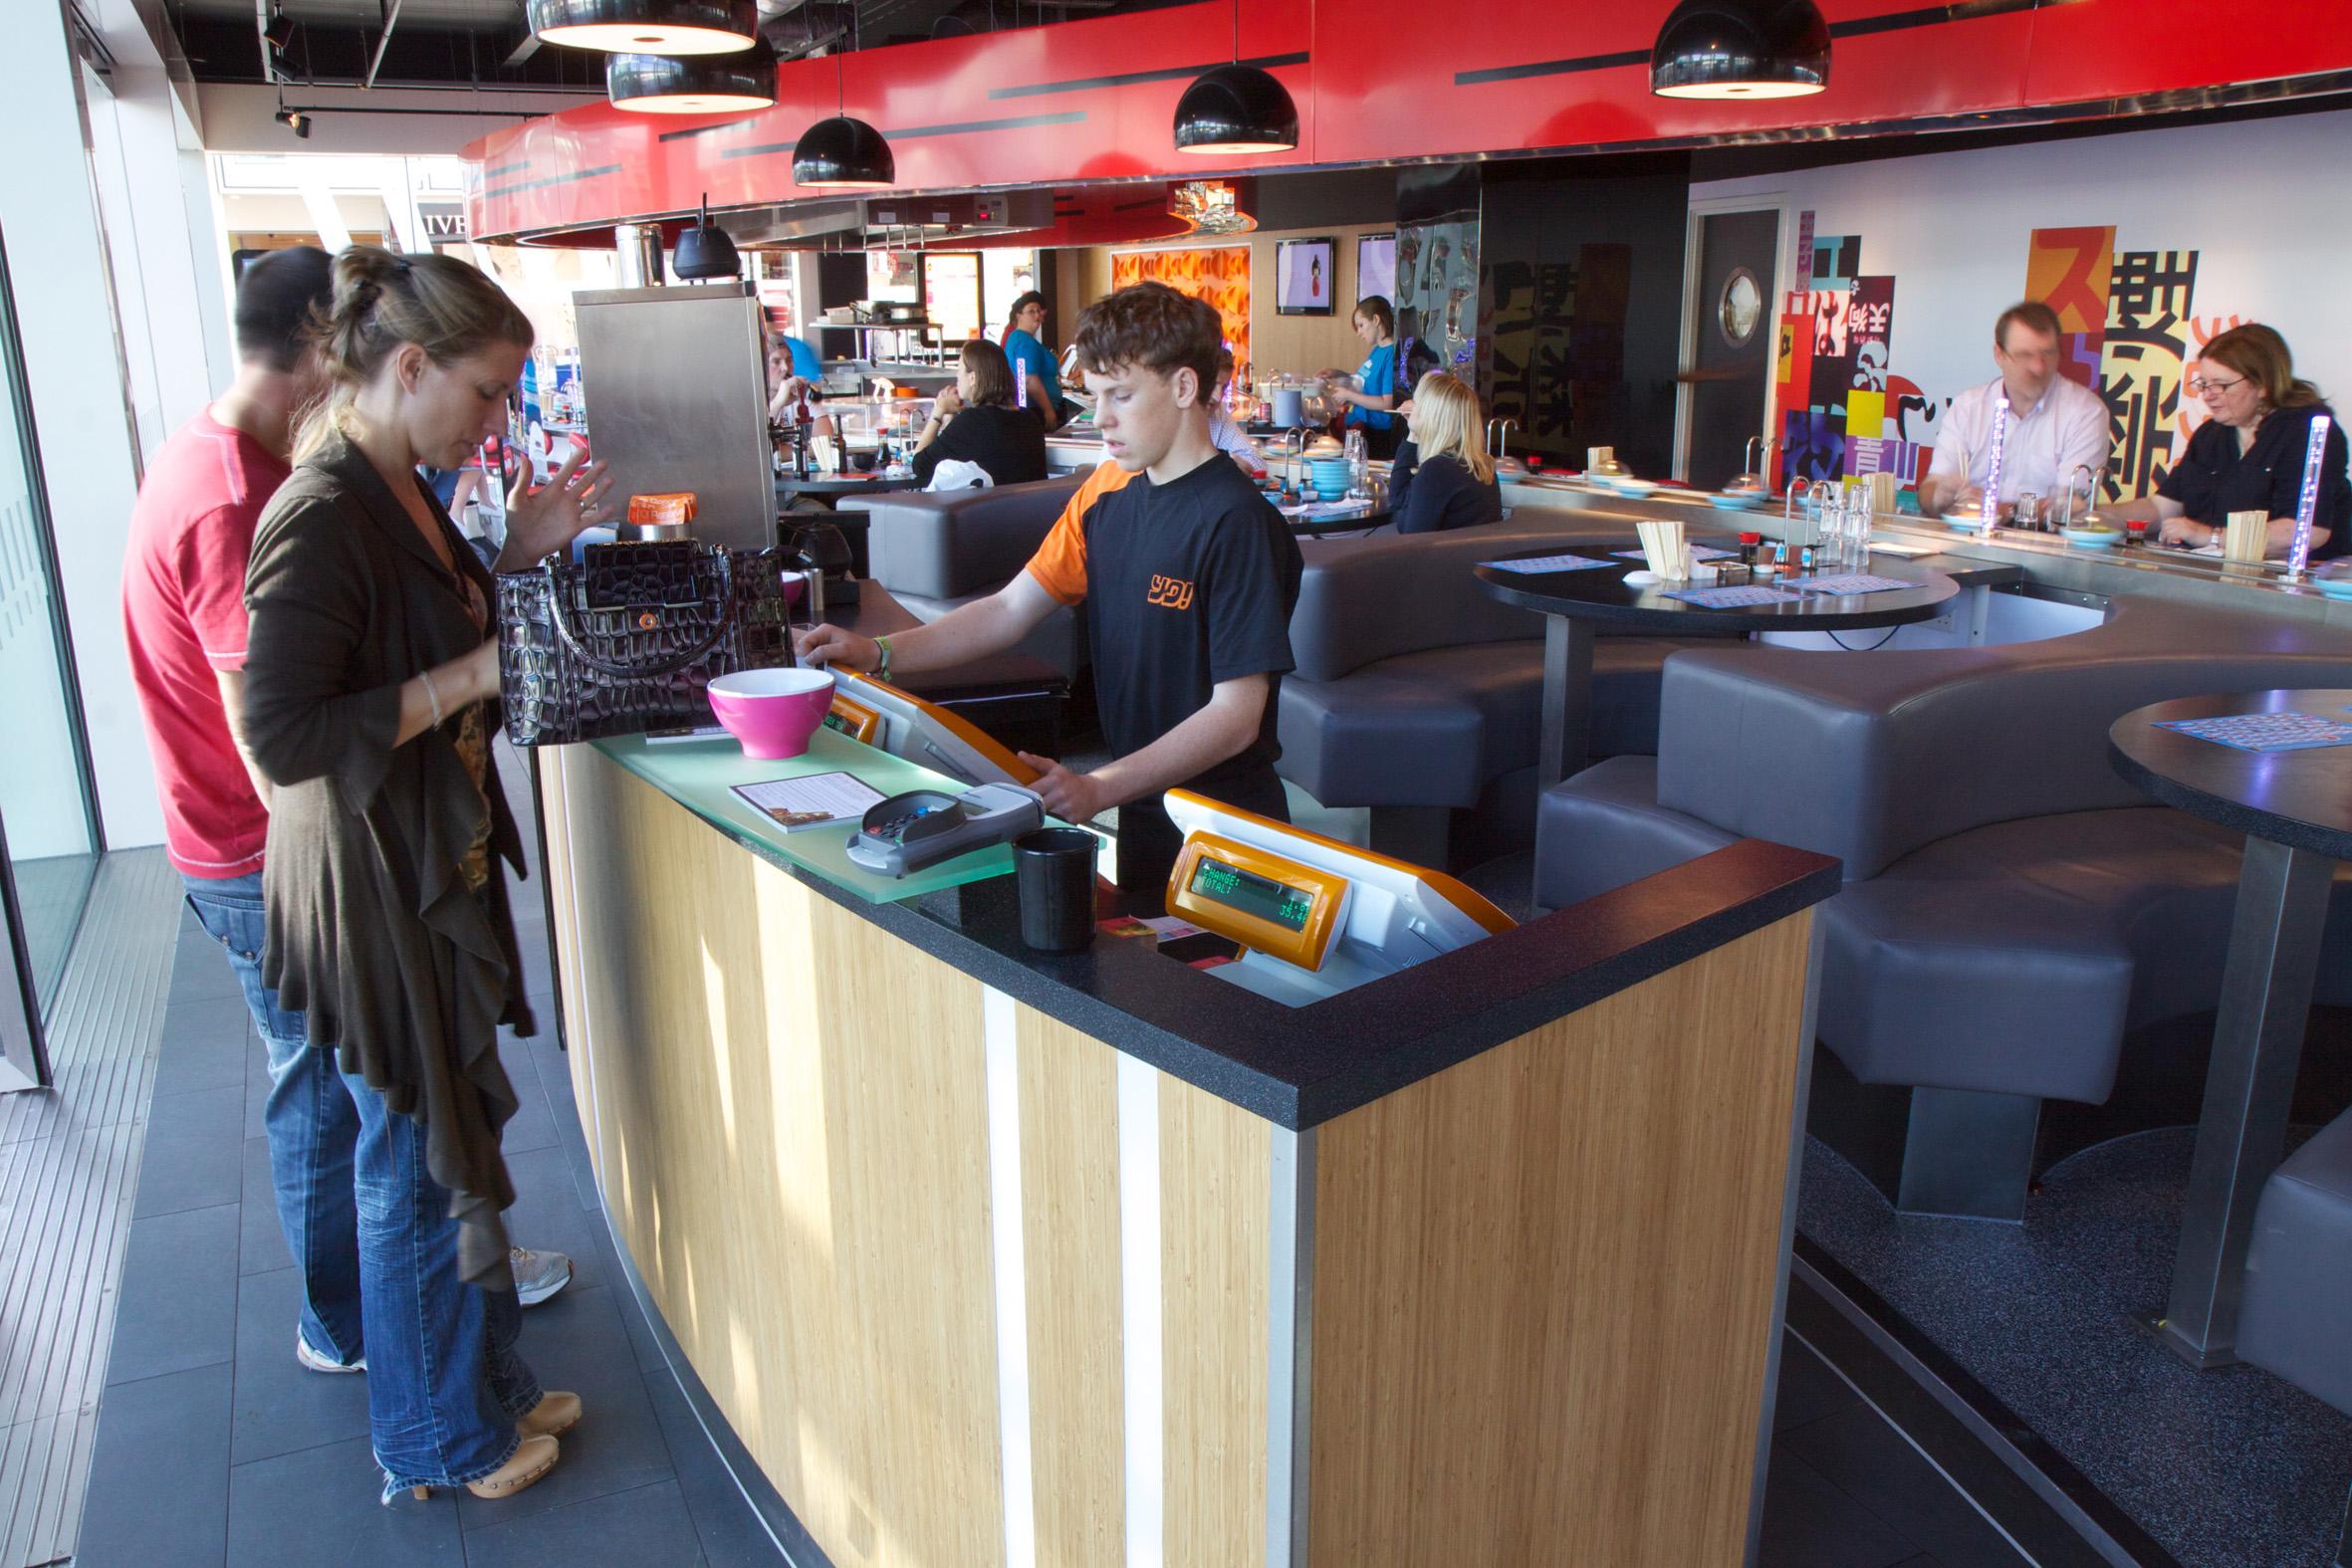 Faktura.Cash Odyssee Systeme im Schnellrestaurant wie z.B. in Vapiano®, Sushi® oder Subway®